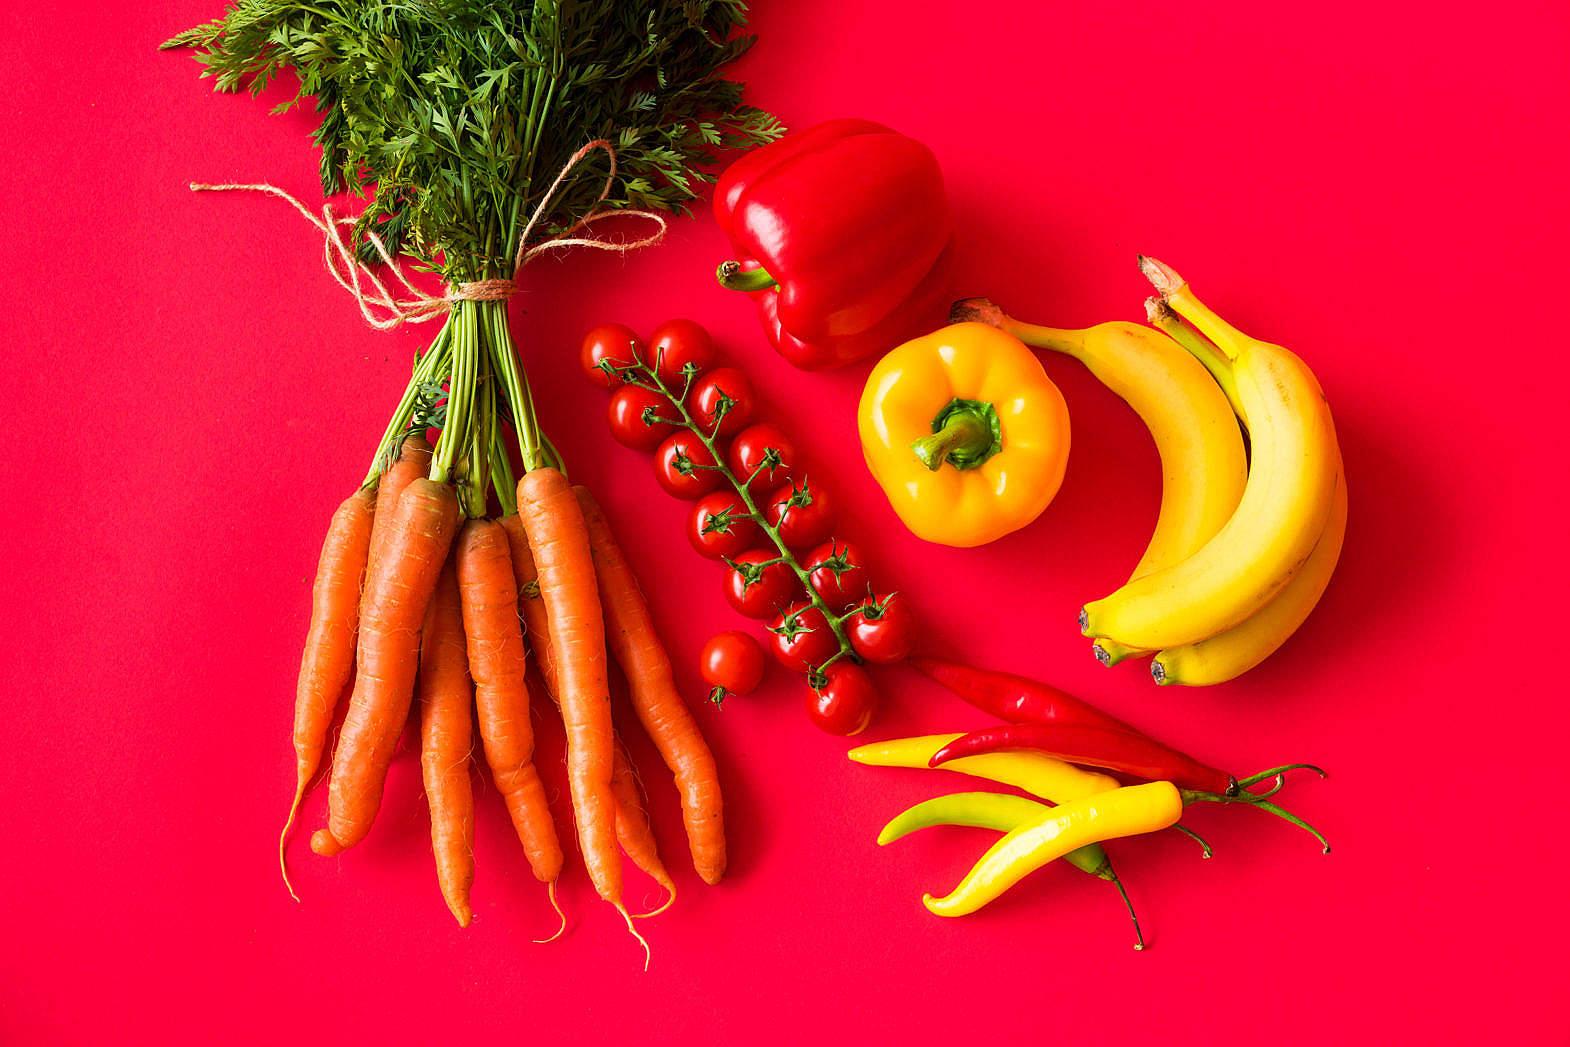 Kako shujšati? – Nasveti za zdravo in varno hujšanje!